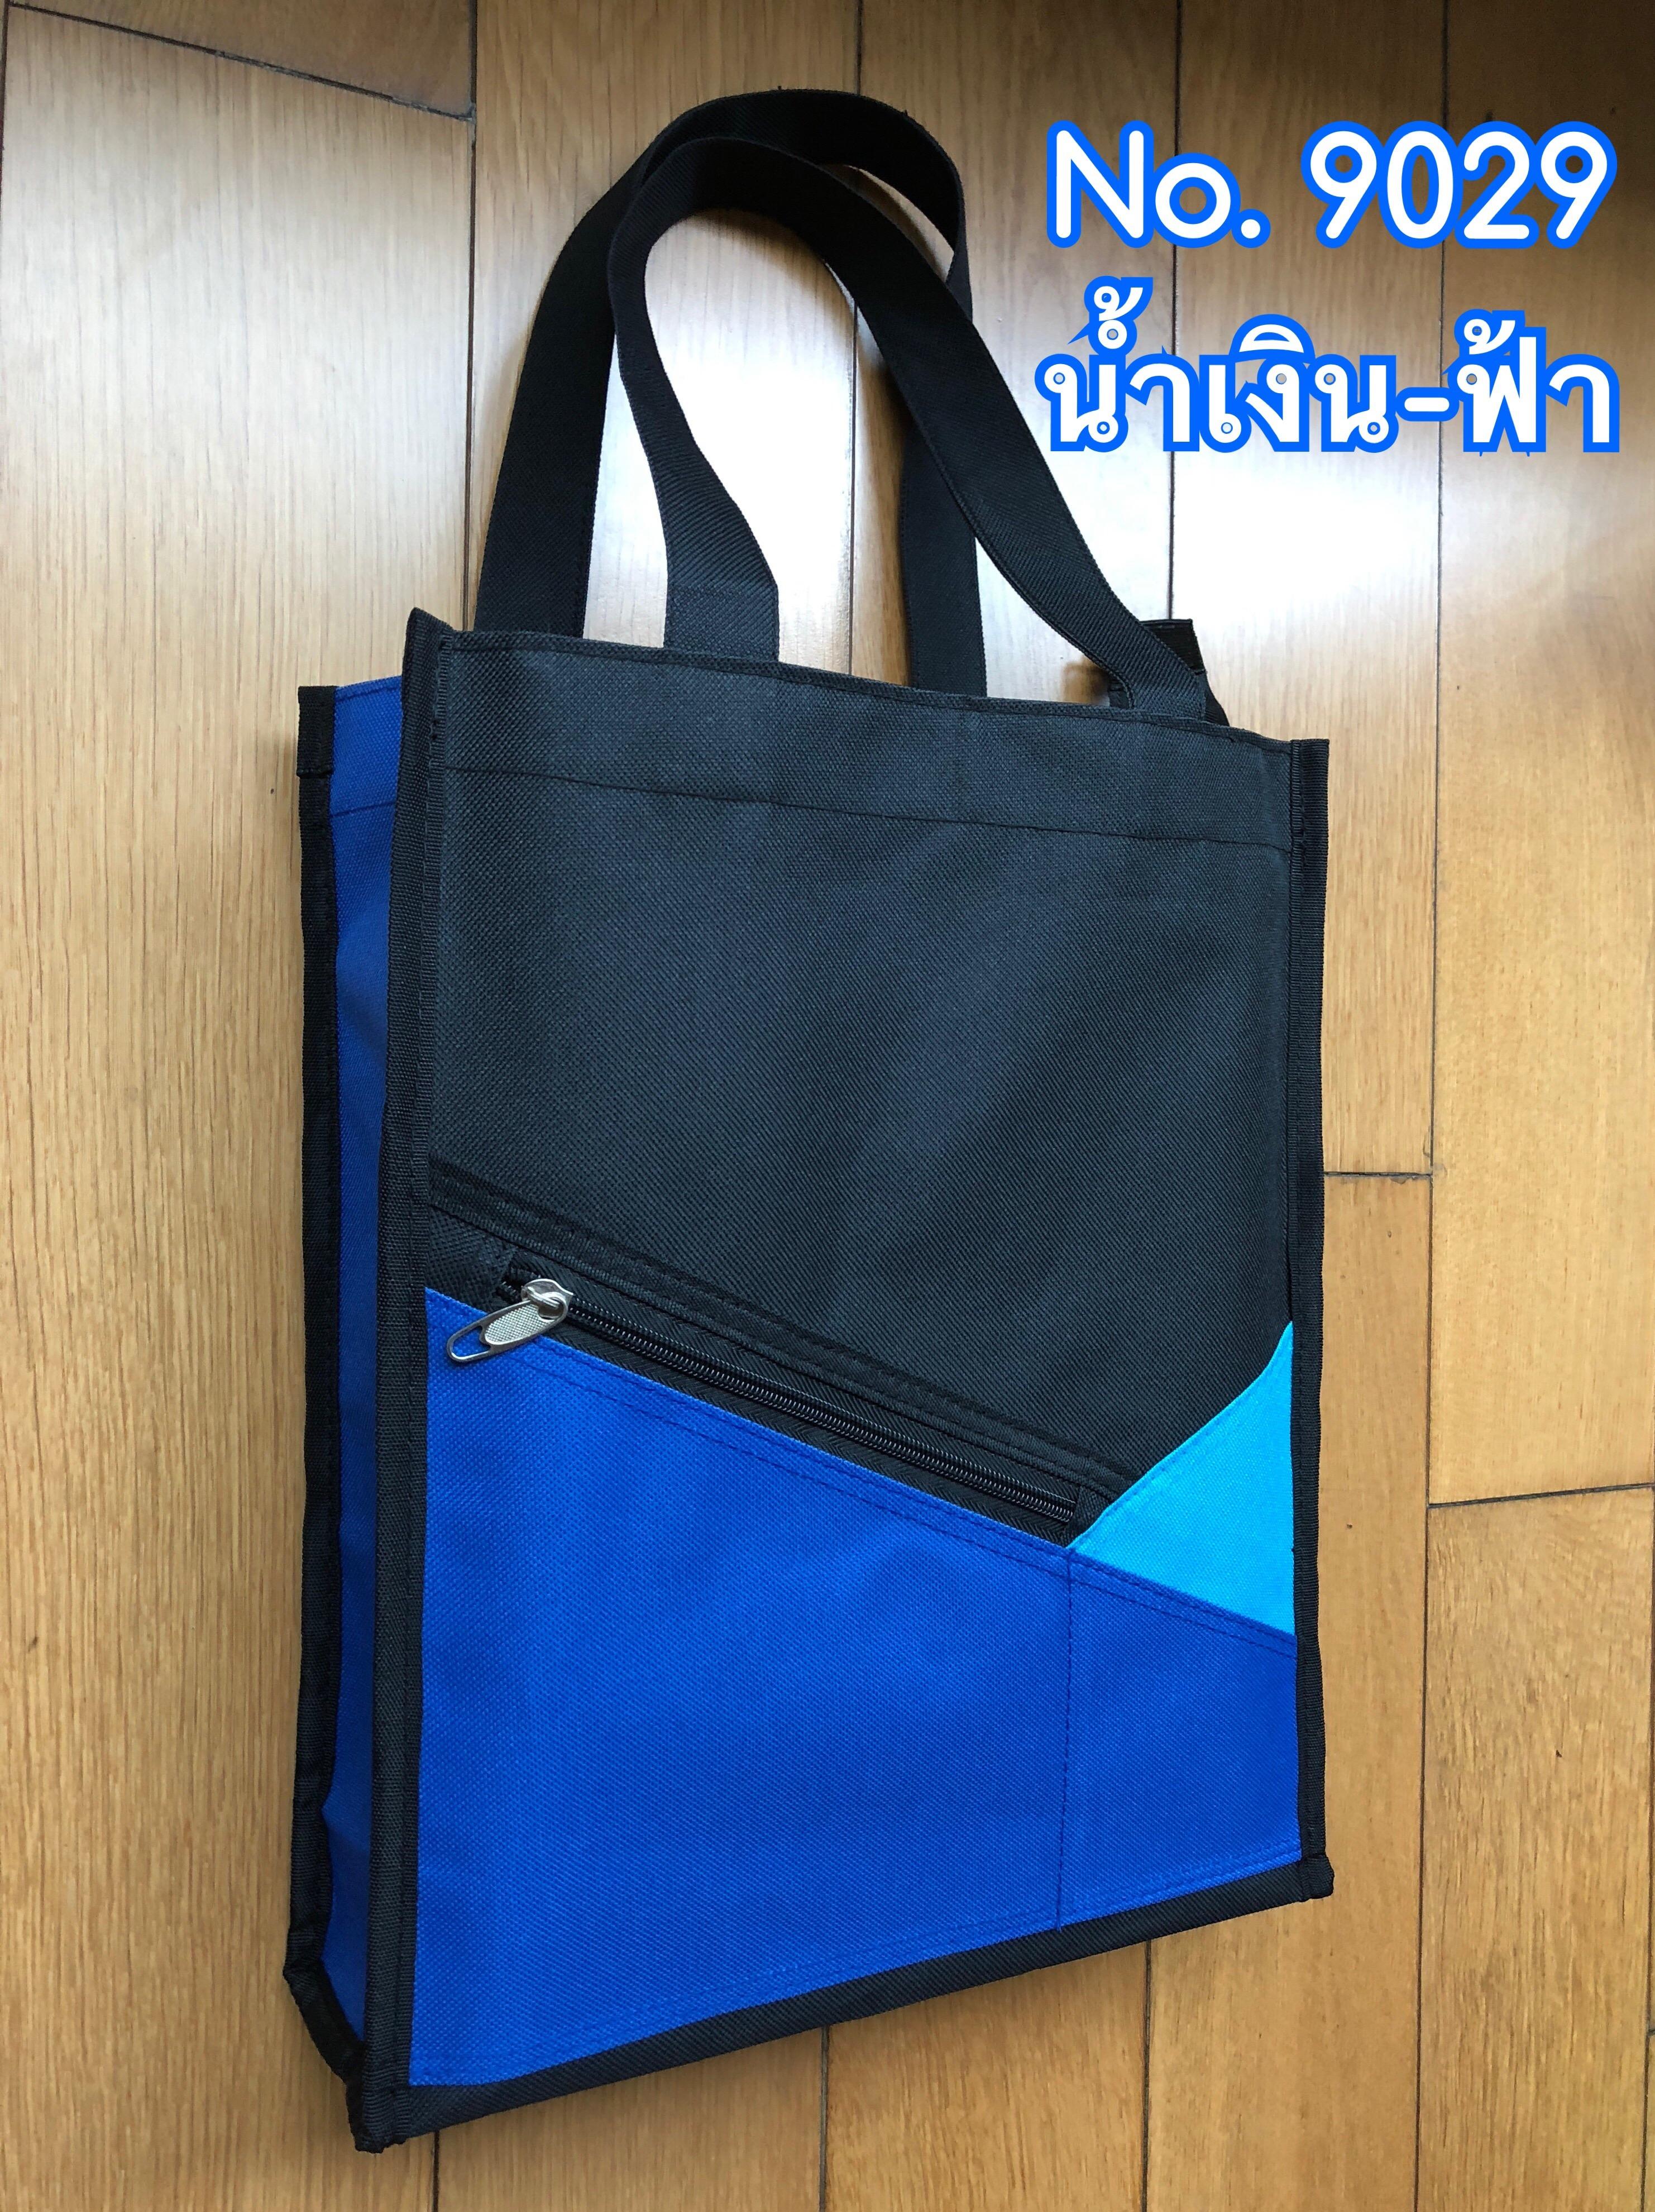 กระเป๋าช้อปปิ้ง ถุงผ้า รุ่น 9029